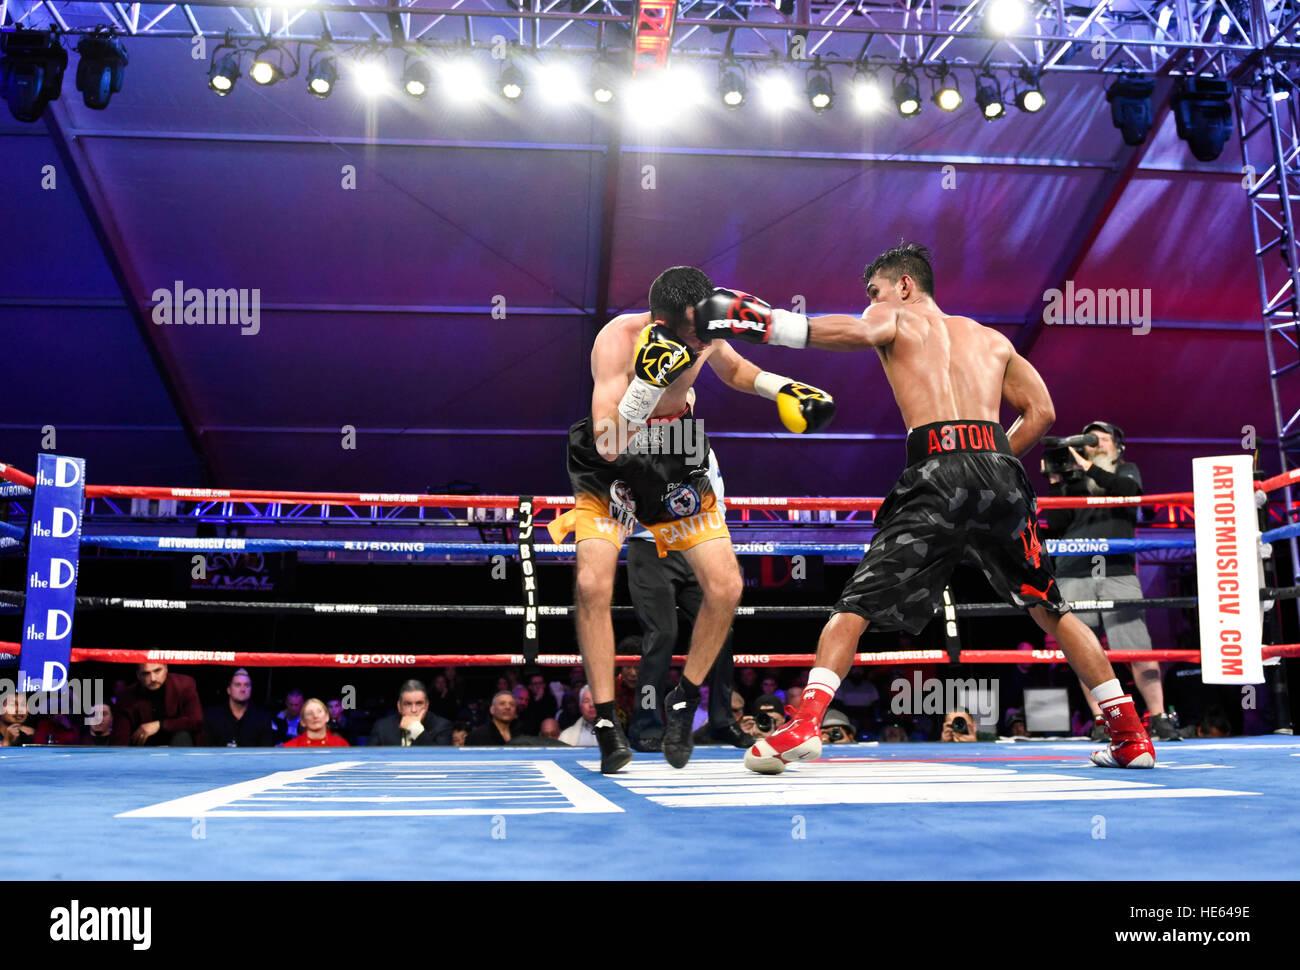 Las Vegas, Nevada, USA. 17 Décembre, 2016. 'Lil' Oscar Cantu batailles Aston Palicte dans le main event, Photo Stock